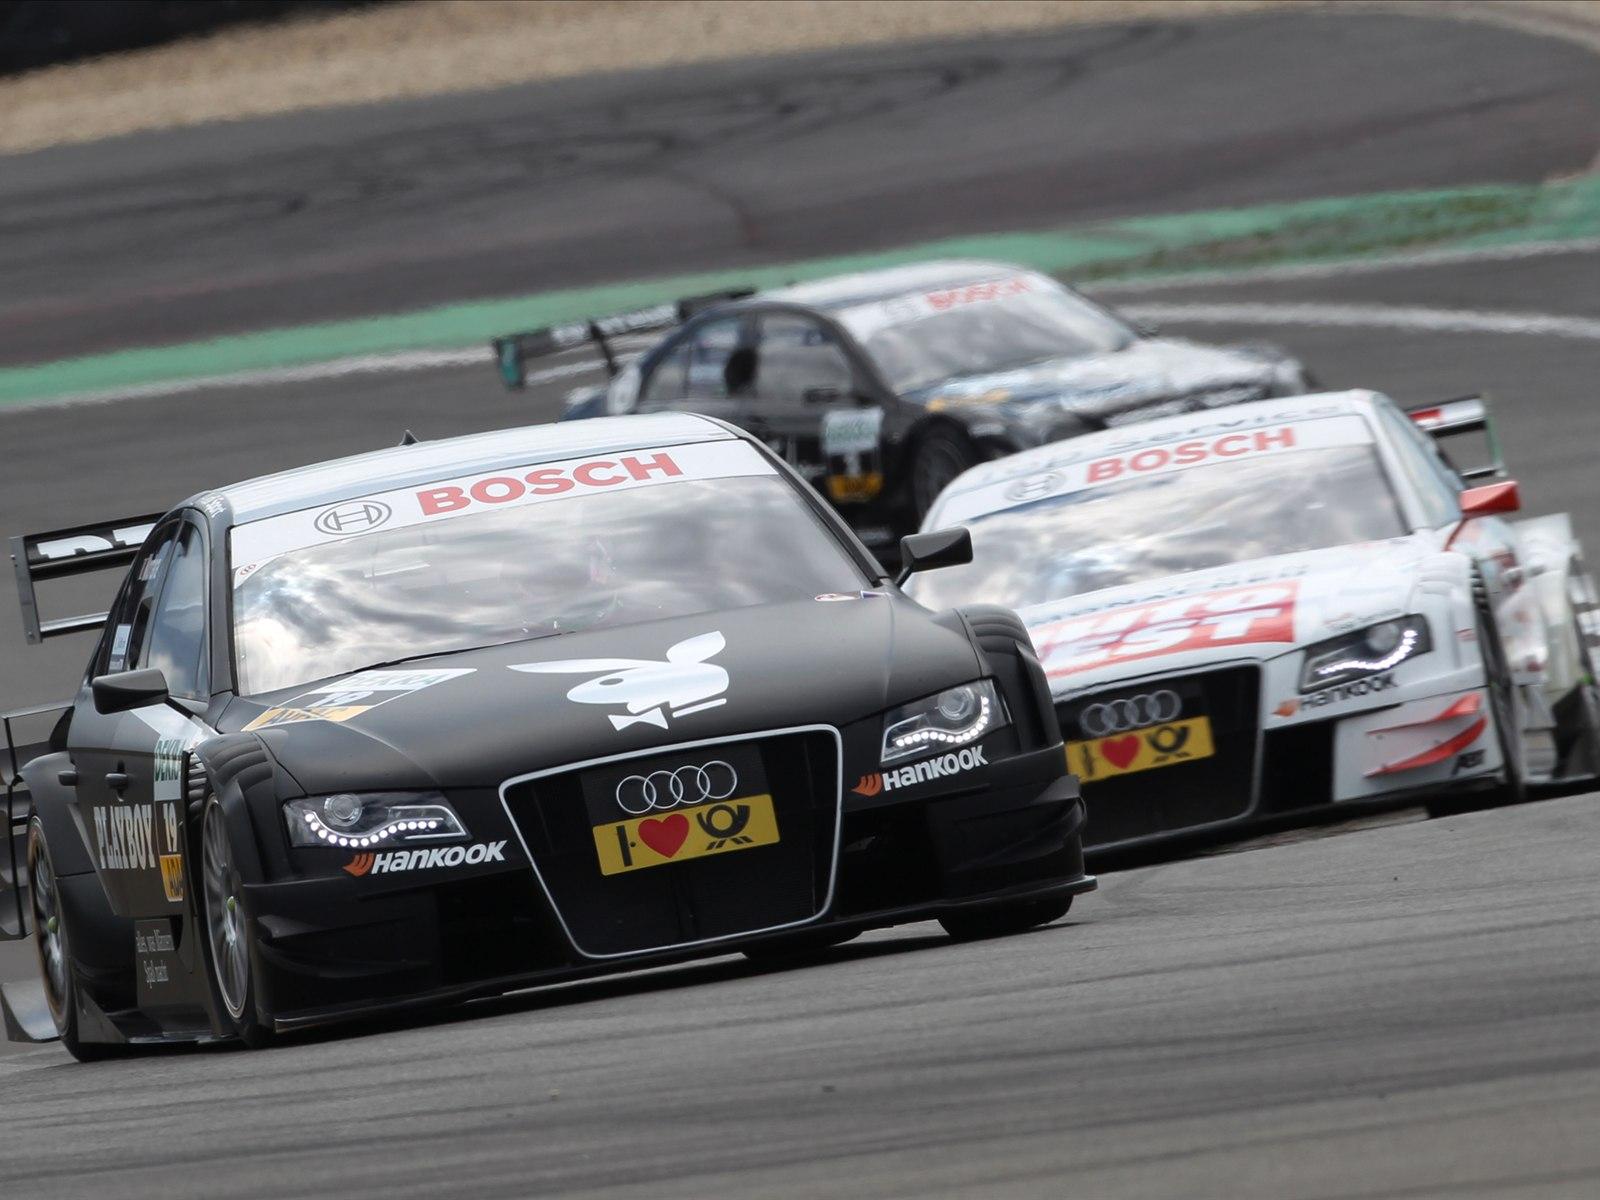 http://3.bp.blogspot.com/-4y4Scugb_zI/TkrrLOWF59I/AAAAAAAAD7s/ZwlNmAZChNg/s1600/Audi+A4+DTM+2011+04.jpg